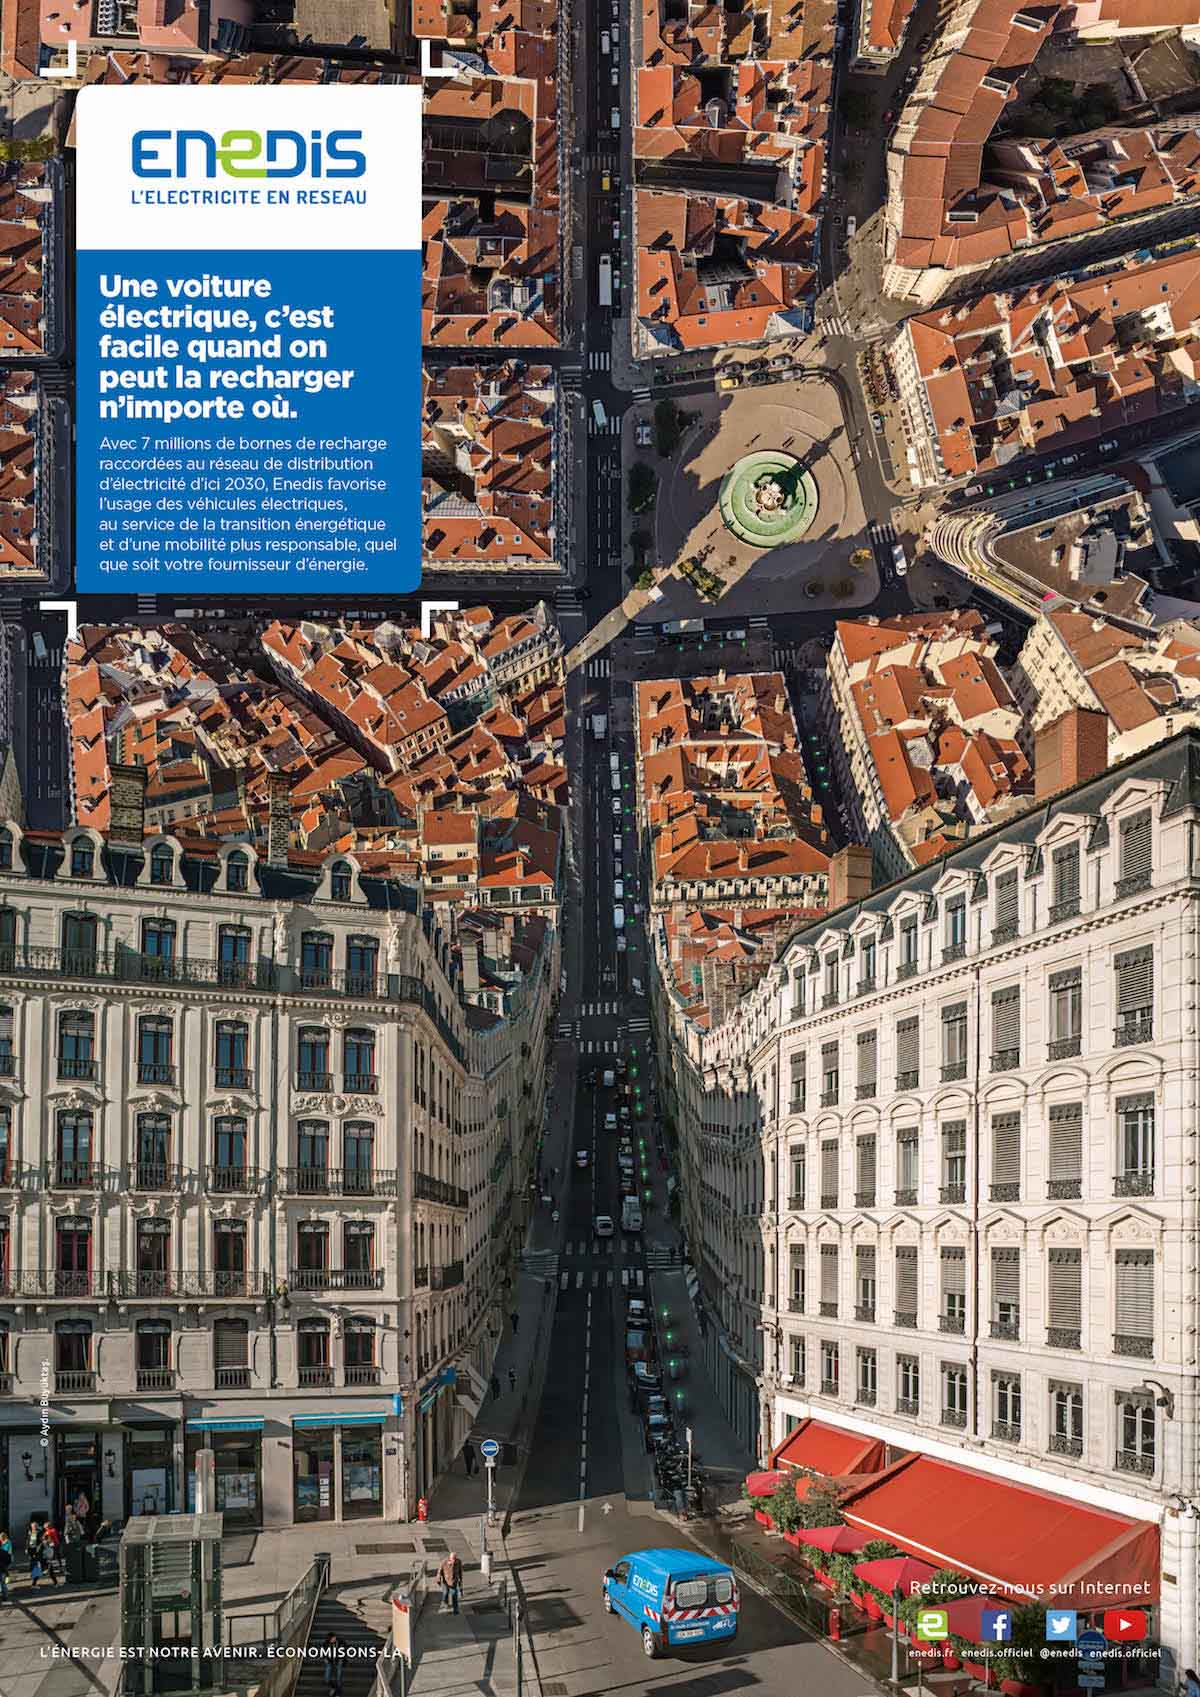 Campagne publicitaire Enedis avec images aériennes par drone